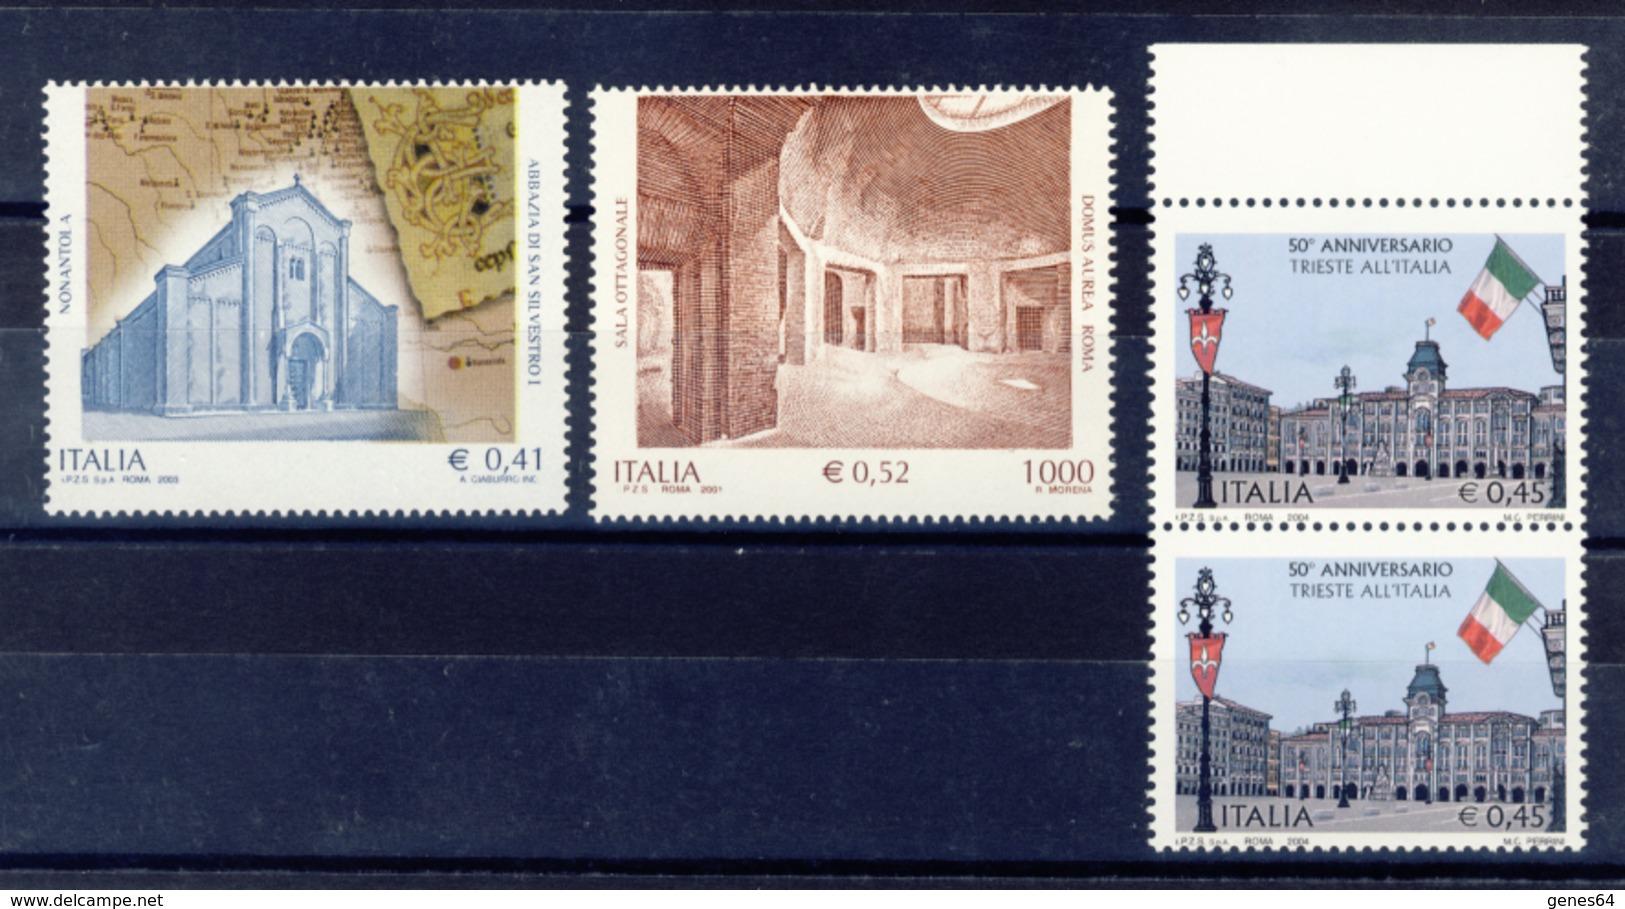 Lotto Di 3 Varieta' Con Dentellatura Spostata A Filo Di Immagini E Scritte - Nuovi MNH**- 4 Immagini - 6. 1946-.. Republic